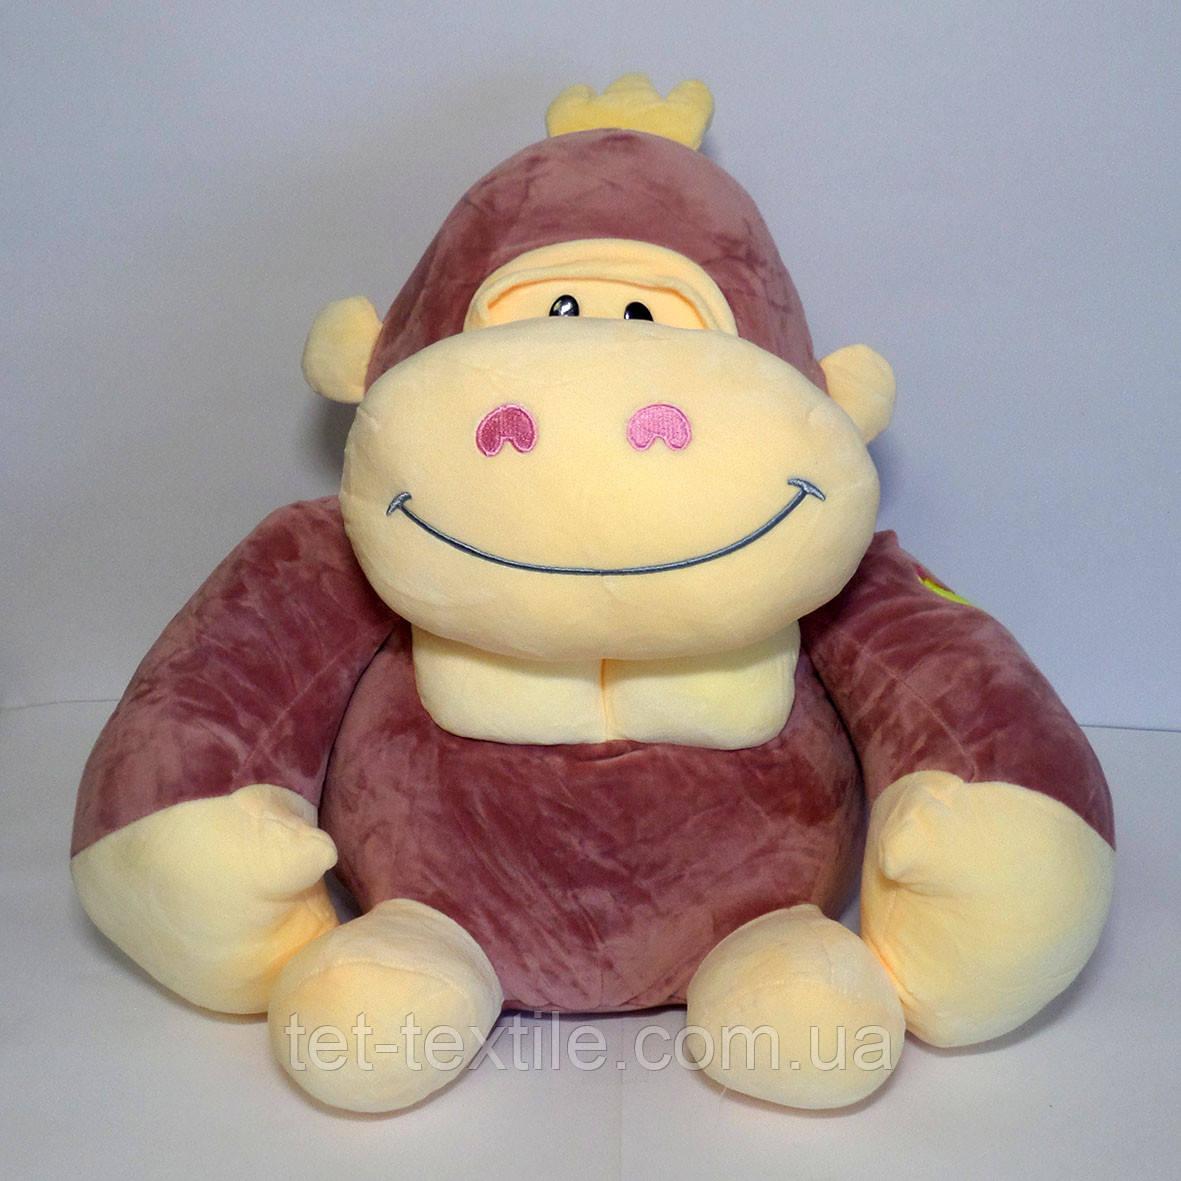 Мягкая игрушка с пледом внутри, горила лиловая